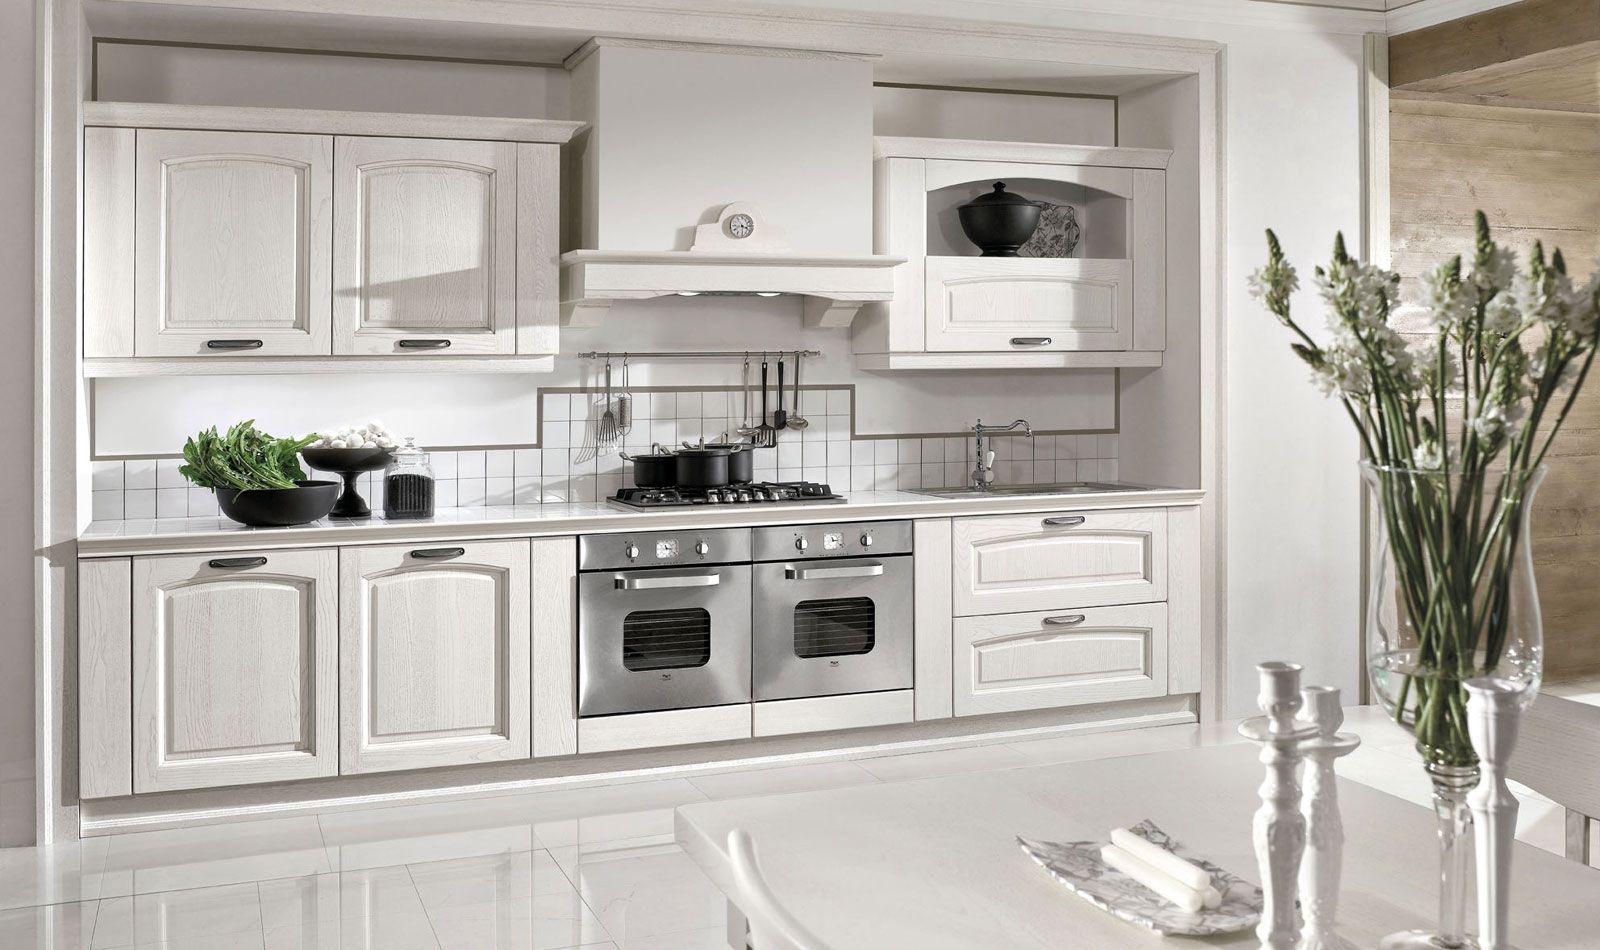 arredo3: cucine moderne, cucine classiche, cucina, cucine, cucine ... - Cucine Componibili